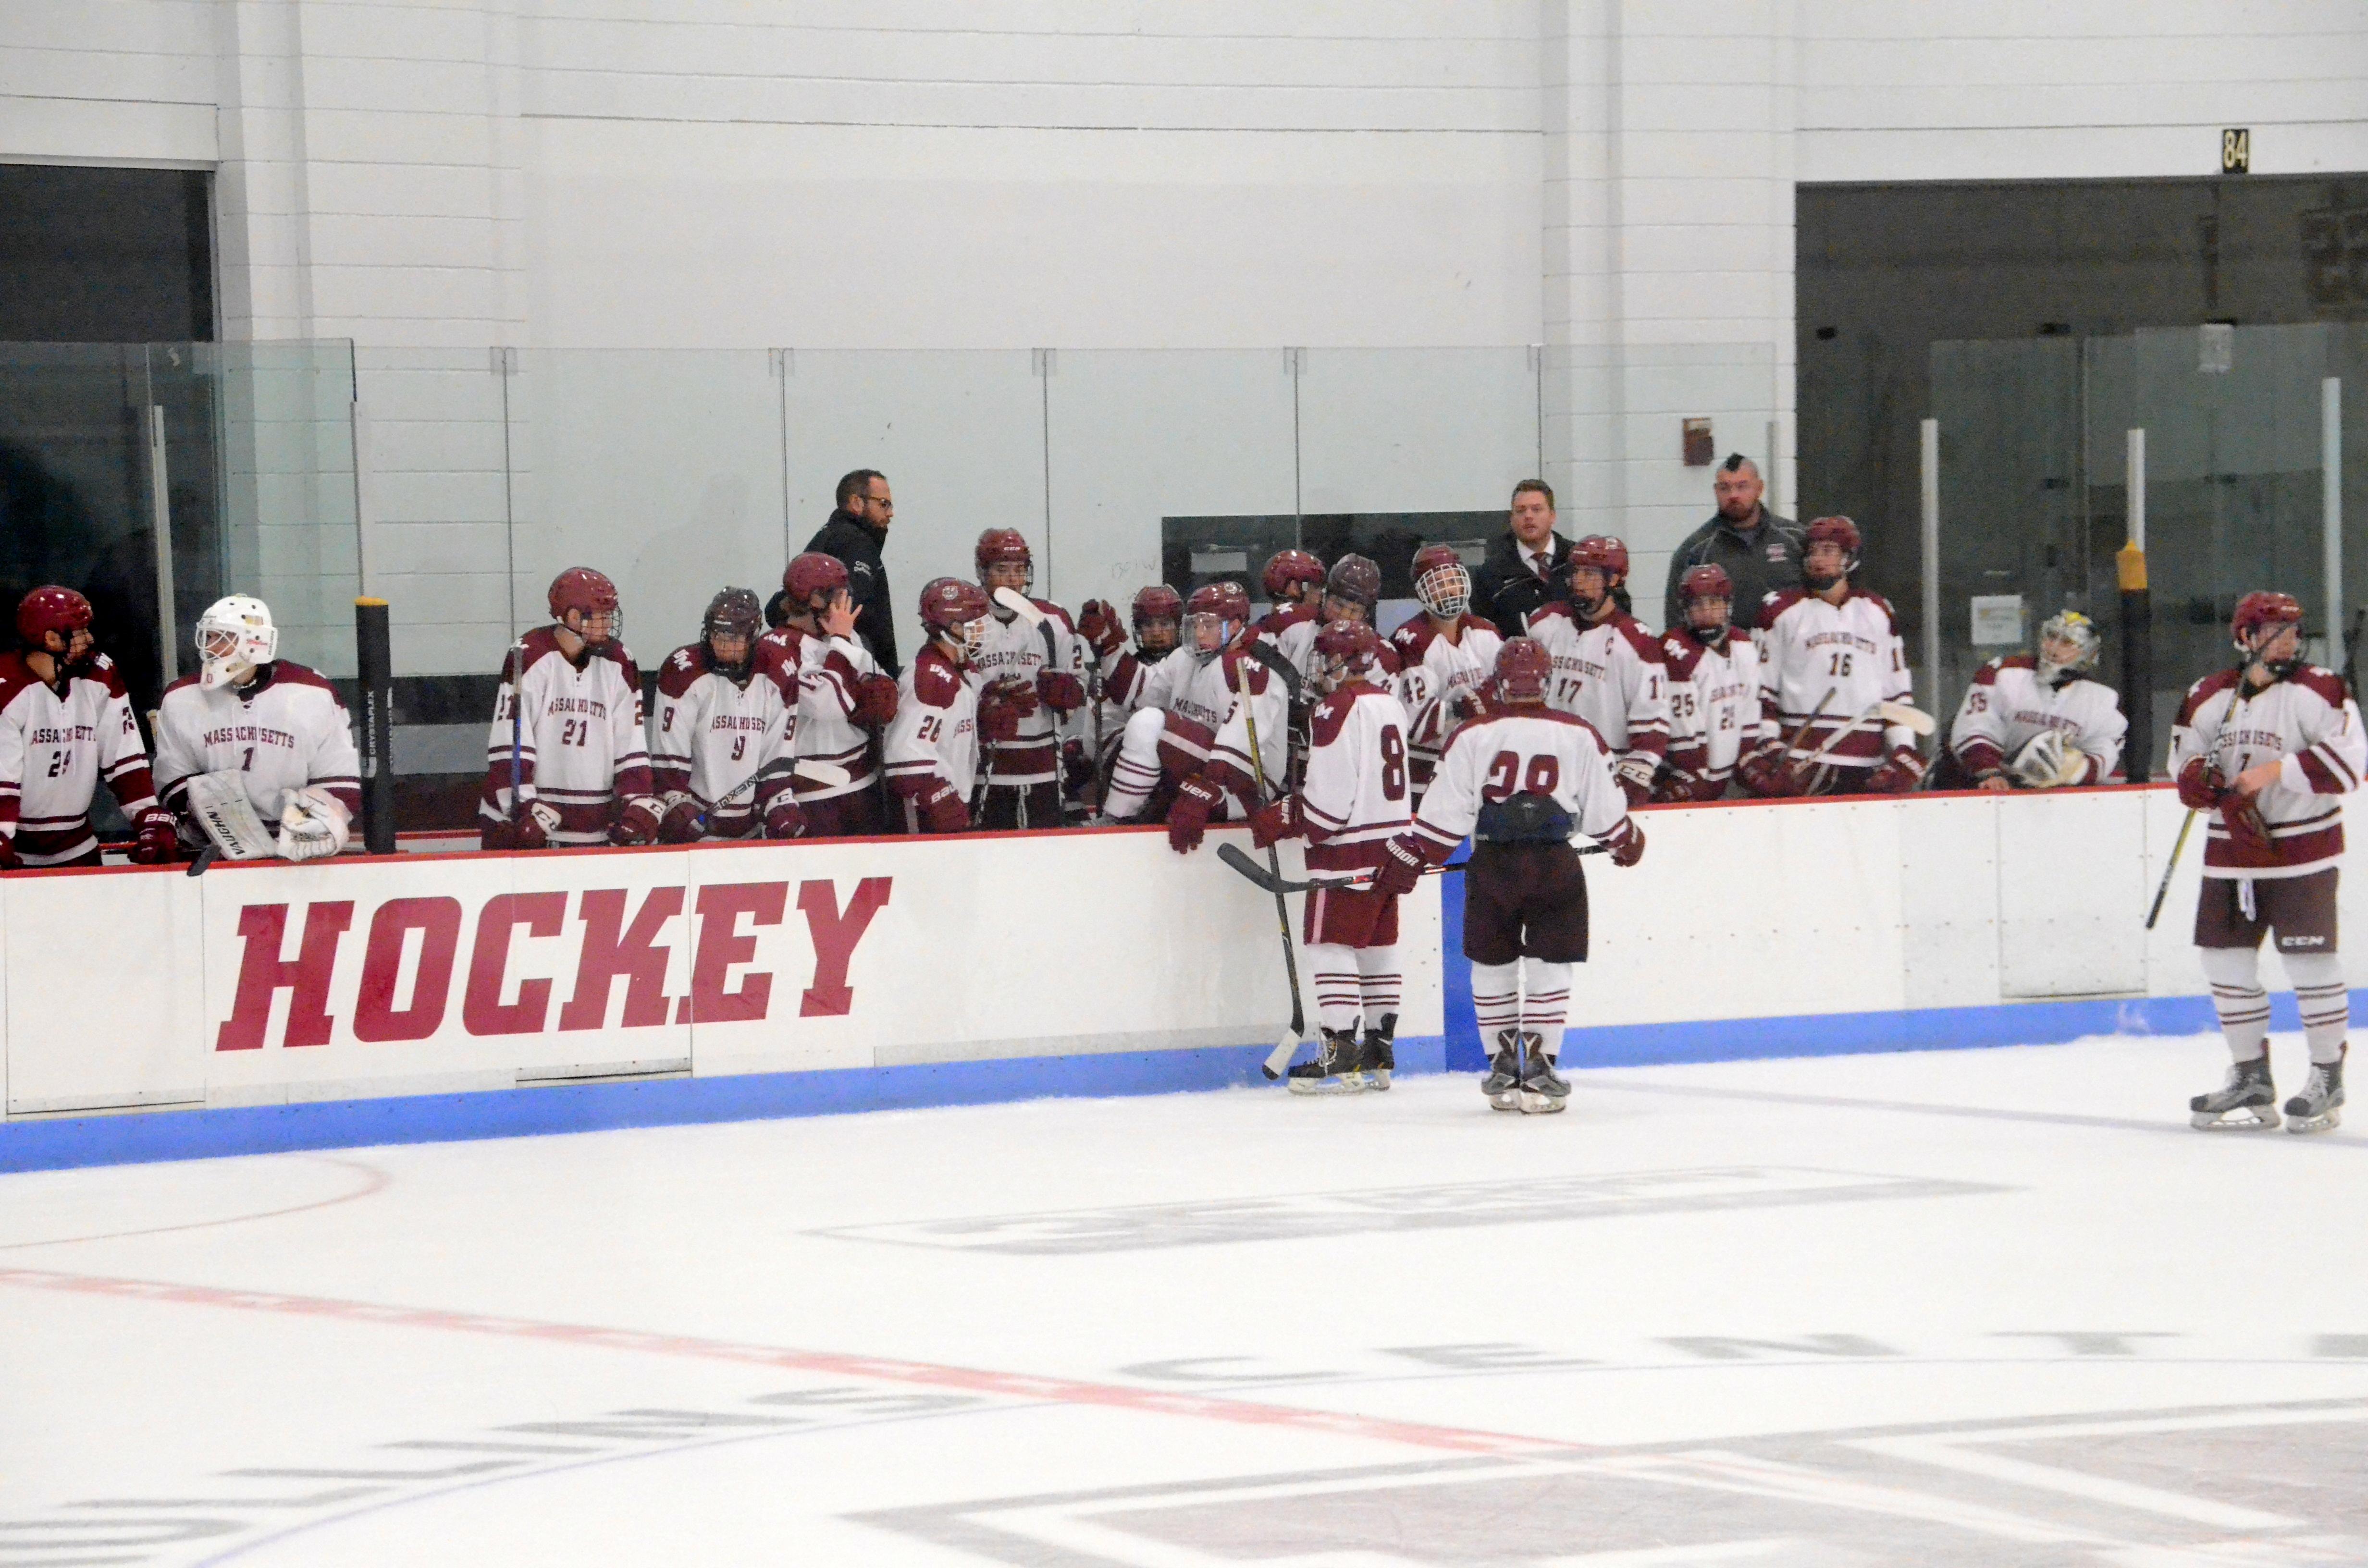 180921 UMass Hockey-037